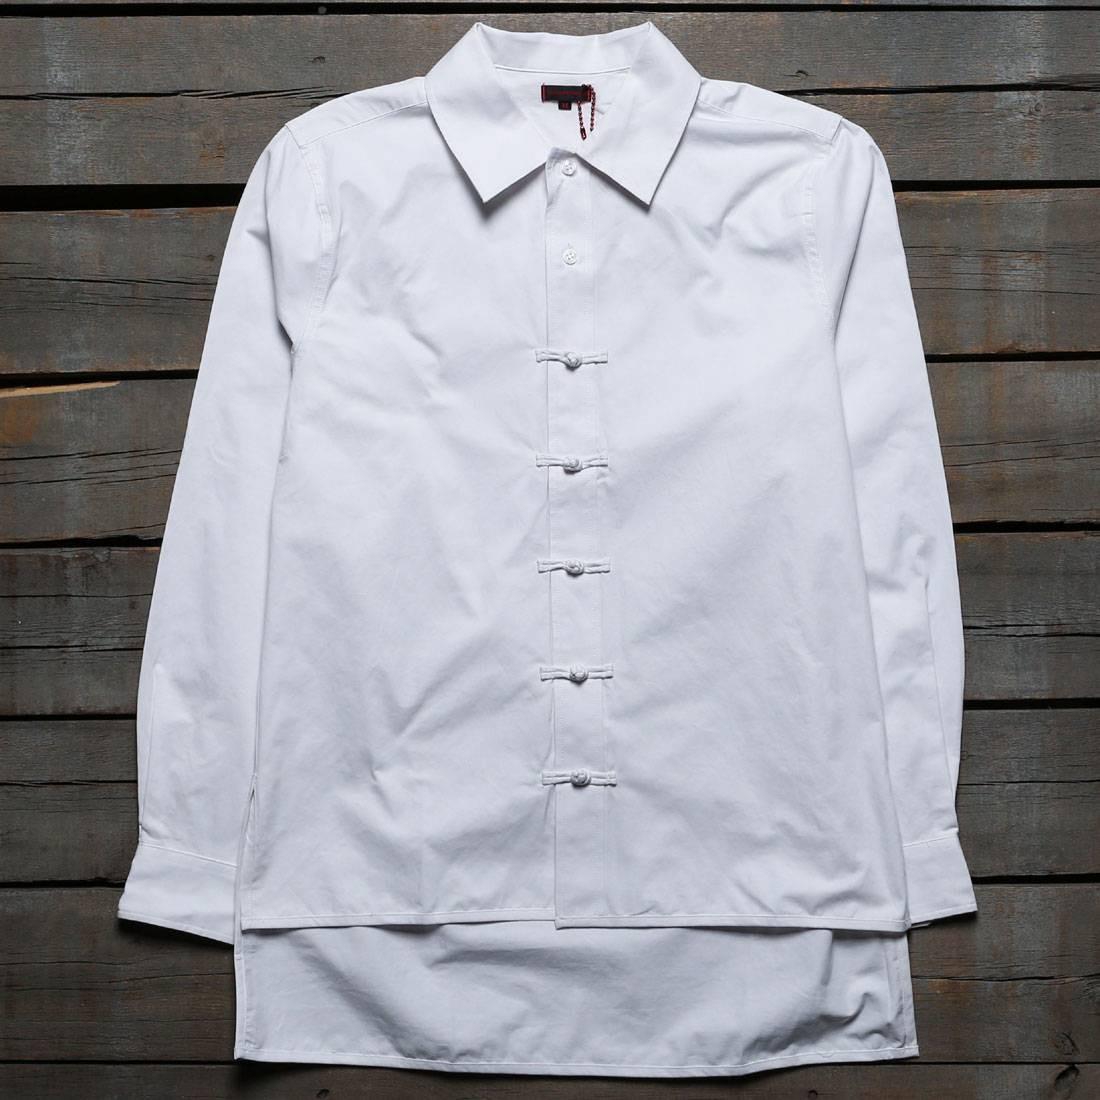 白 ホワイト 【 WHITE CLOT MEN CHINESE BUTTON UP SHIRT 】 メンズファッション トップス カジュアルシャツ